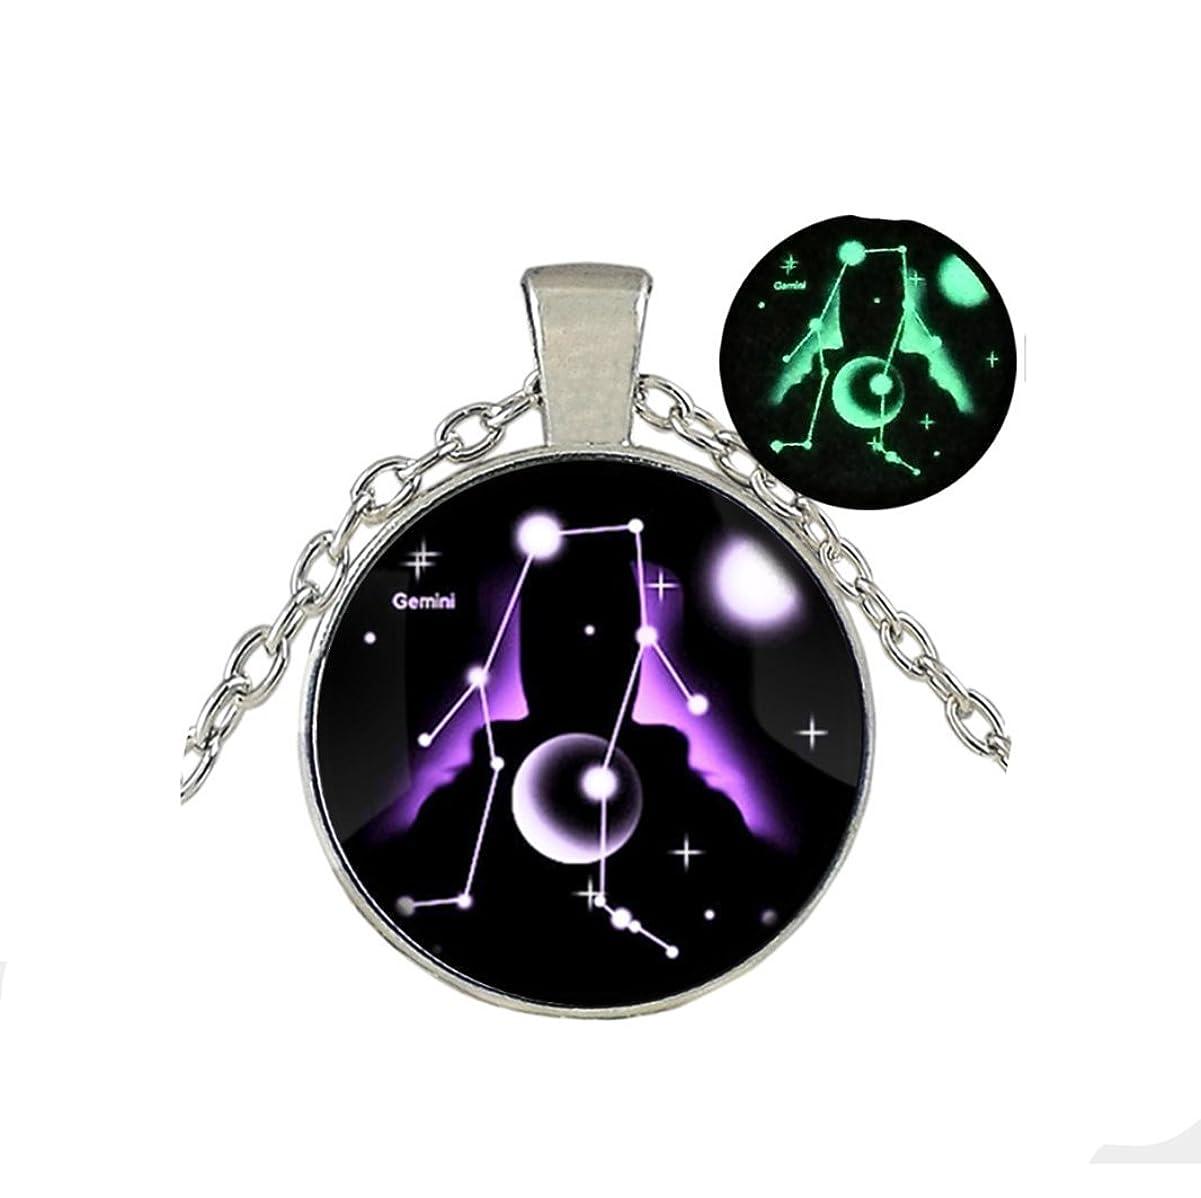 救い登録ウガンダGlow in the Dark /グローネックレス/ Glowing Jewely / Constellation Geminiジュエリー